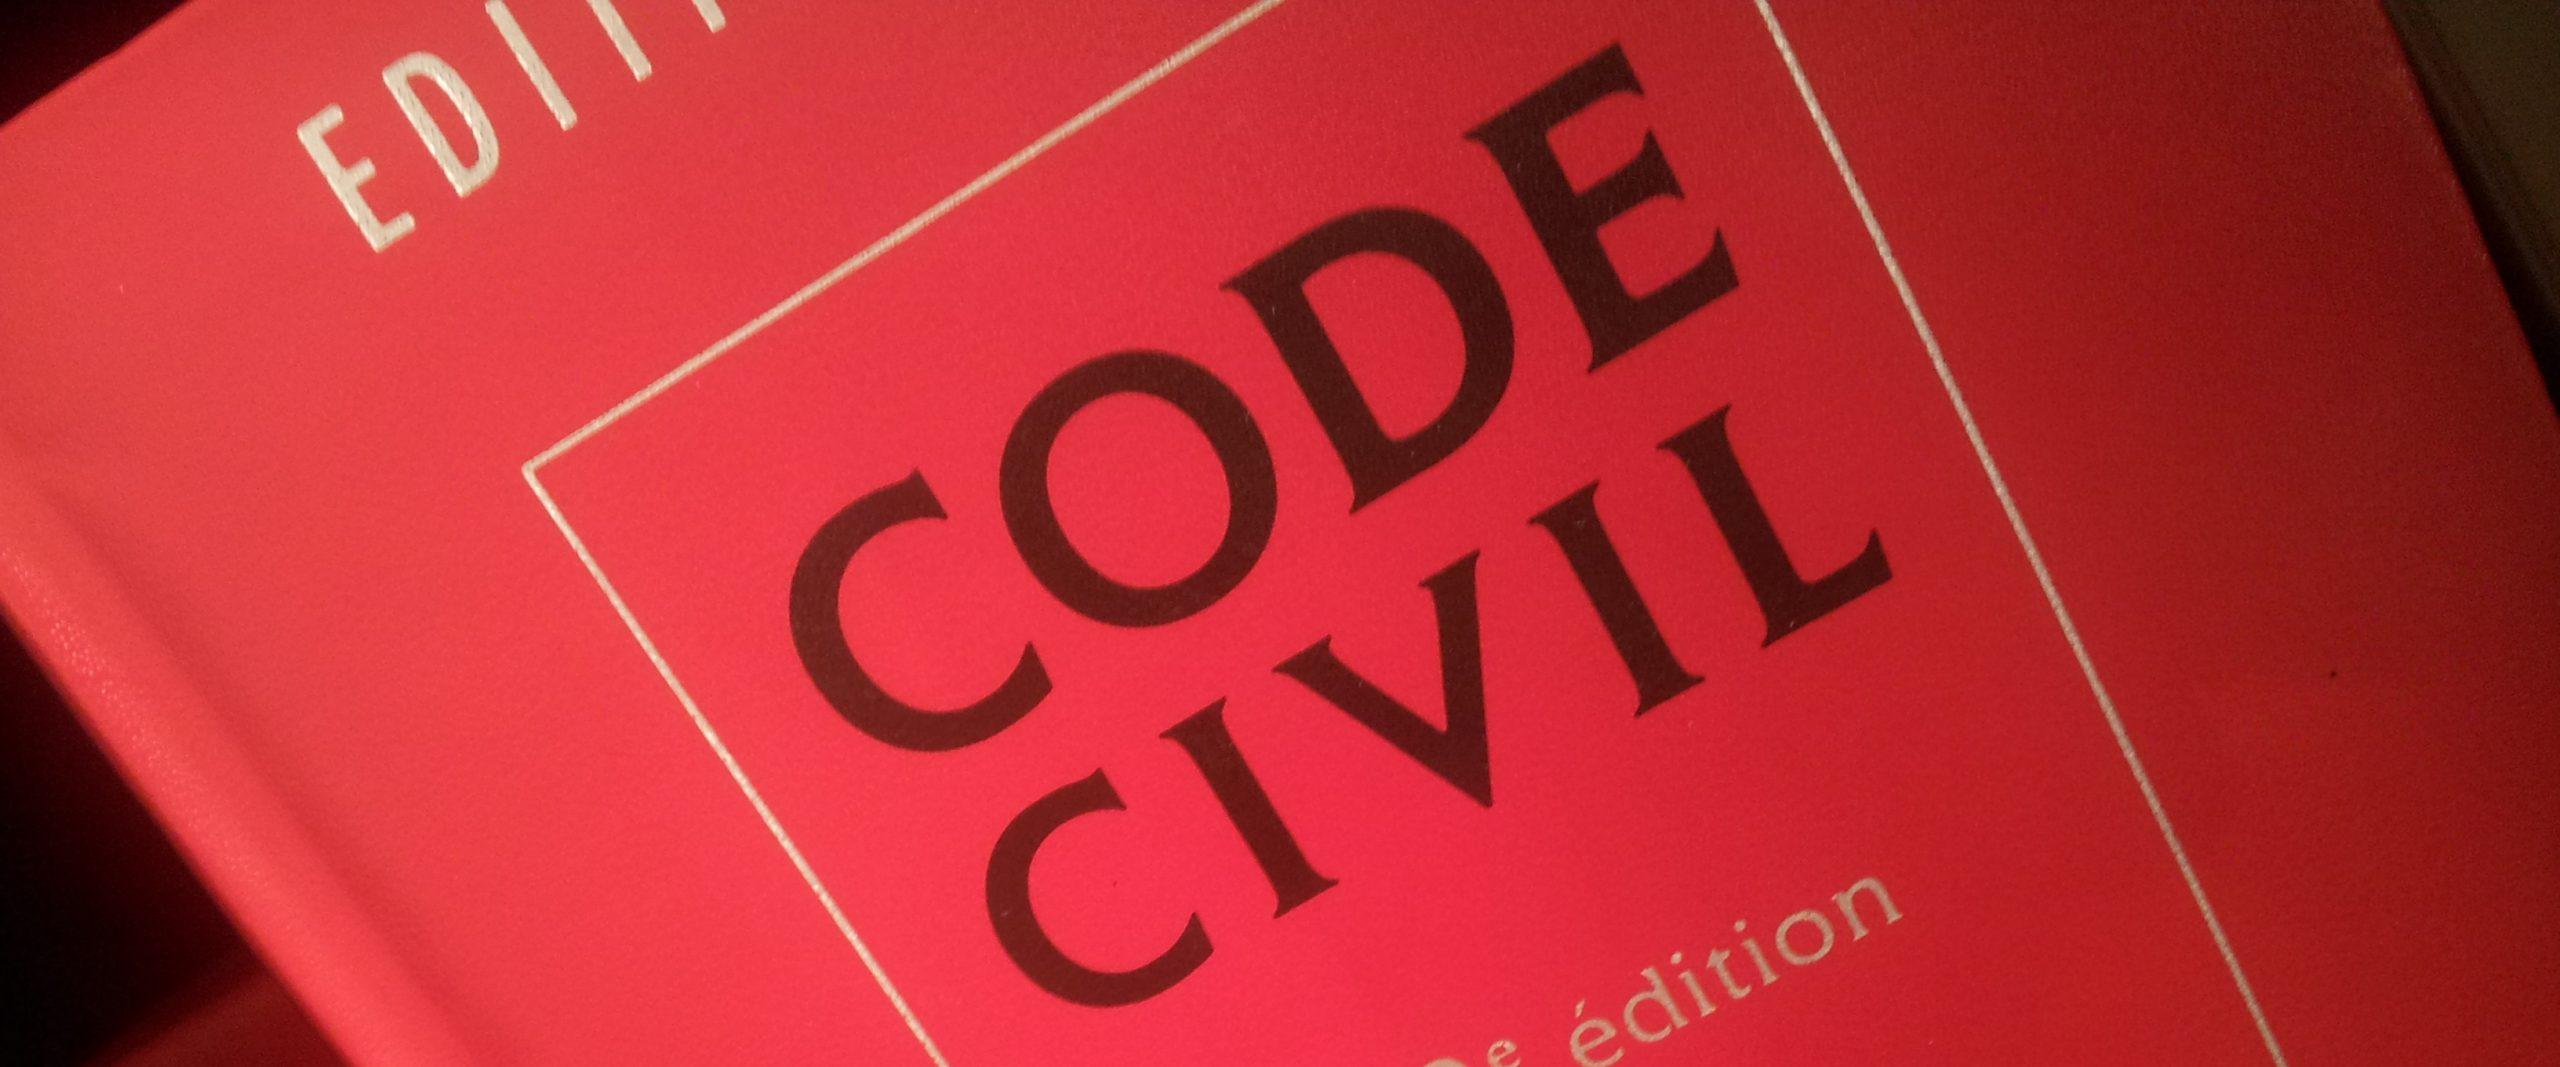 définition personnalite juridique personne code civil